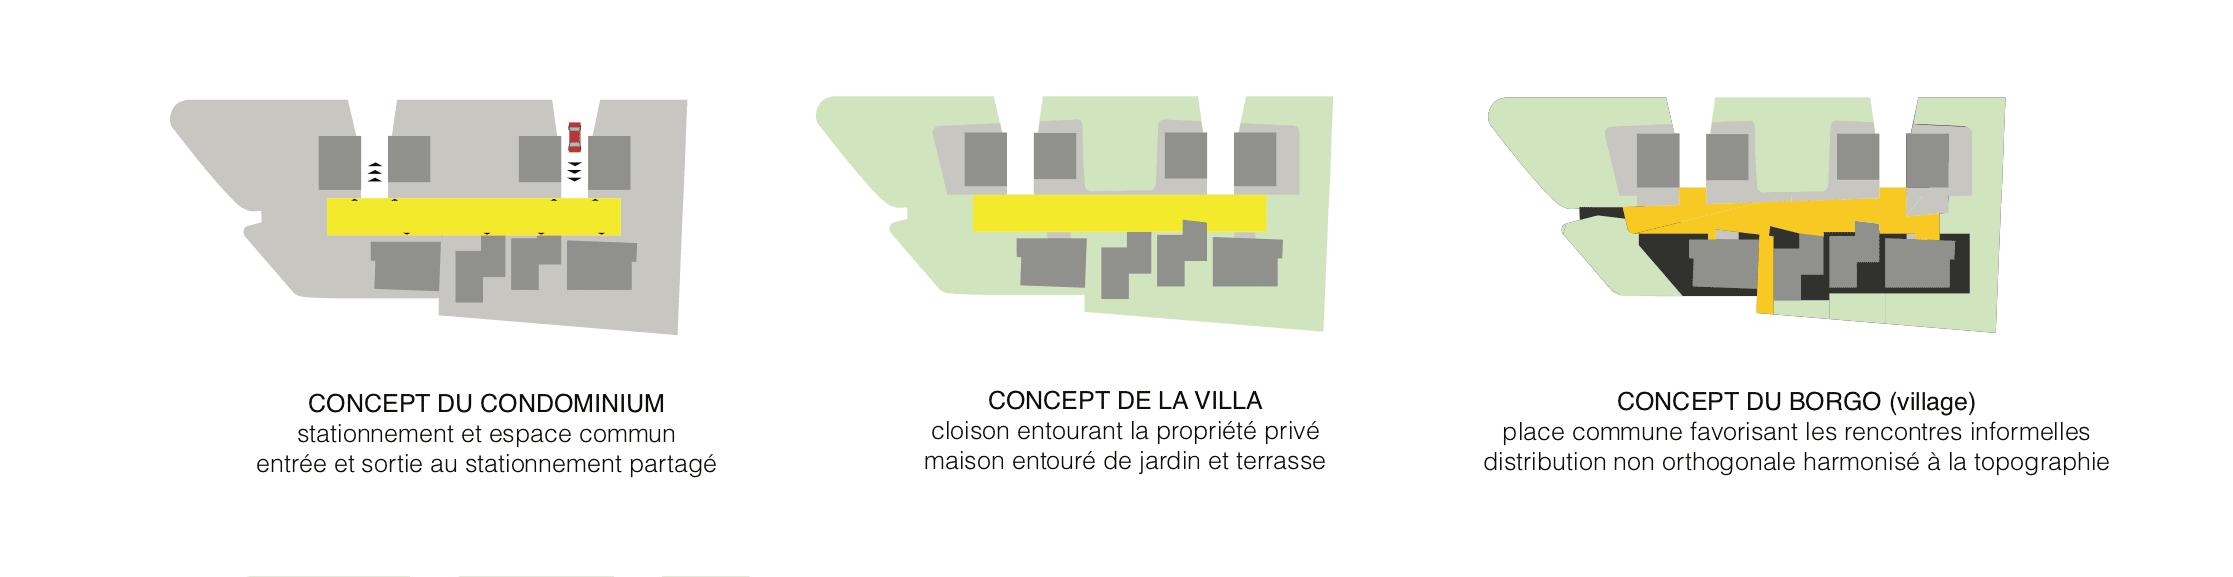 03 diagram 2